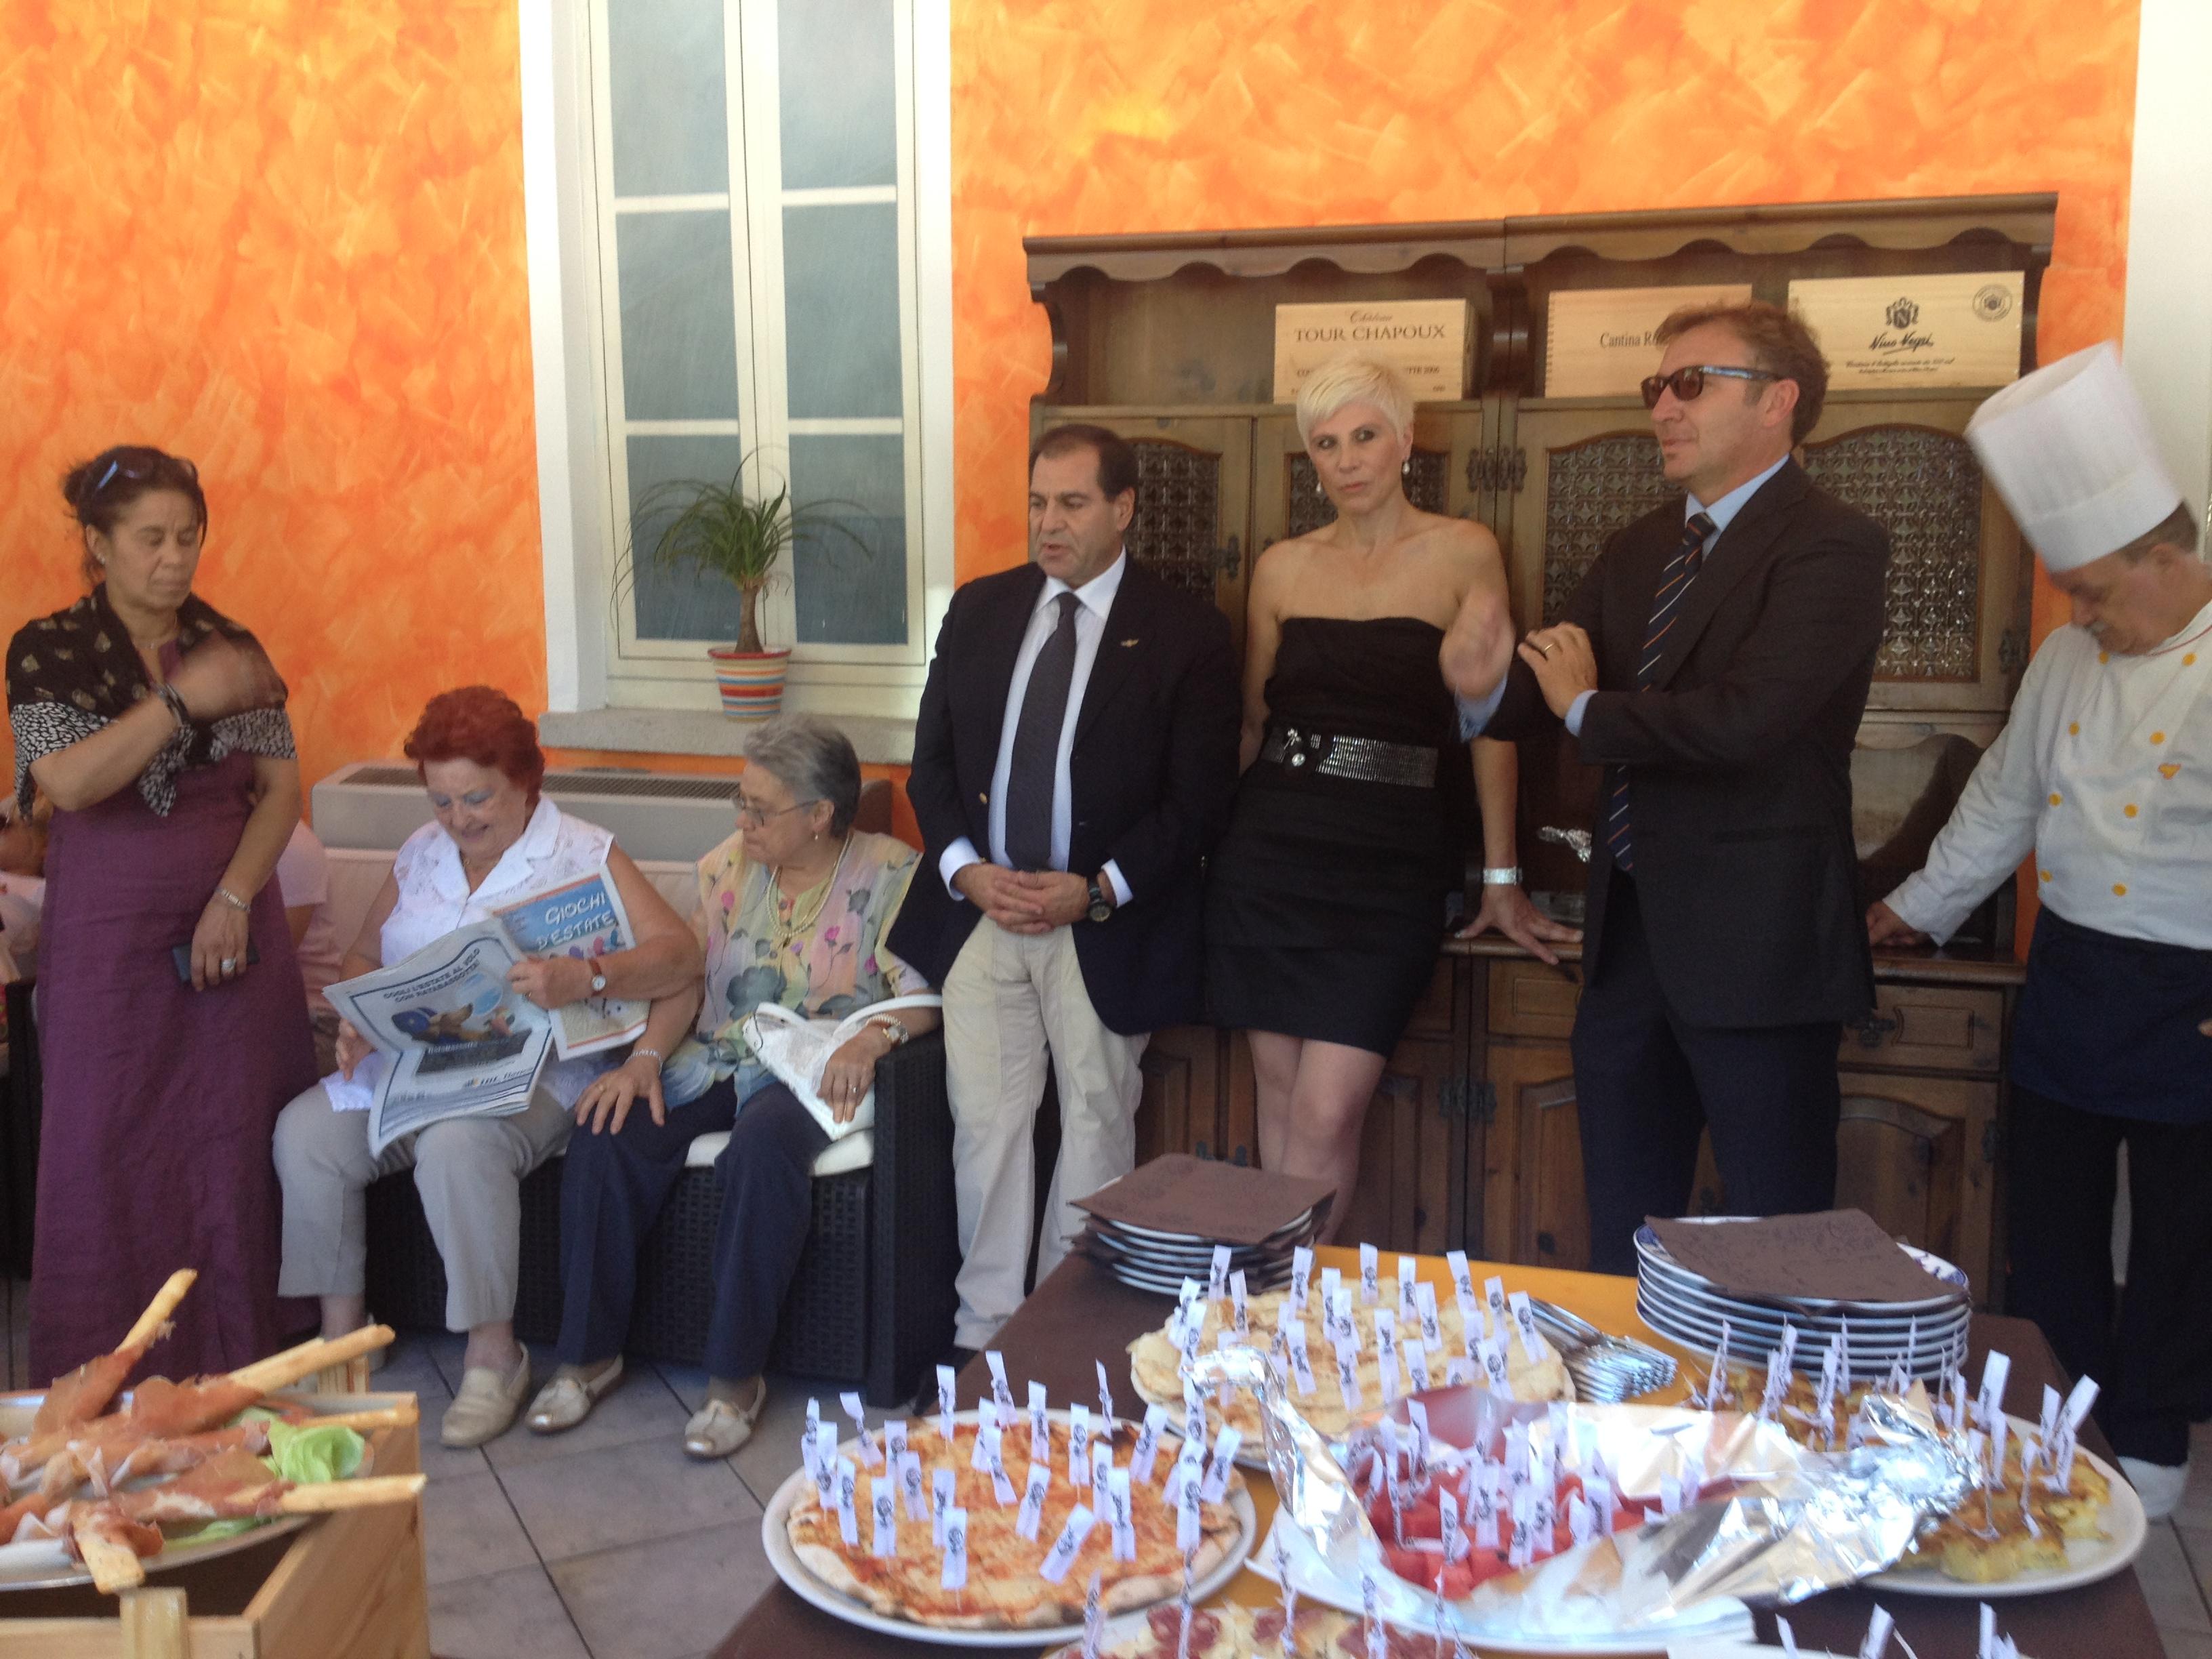 L'aperitivo offerto per l'inaugurazione dello Iat da parte dei nuovi gestori dell'ex Albergo Binda